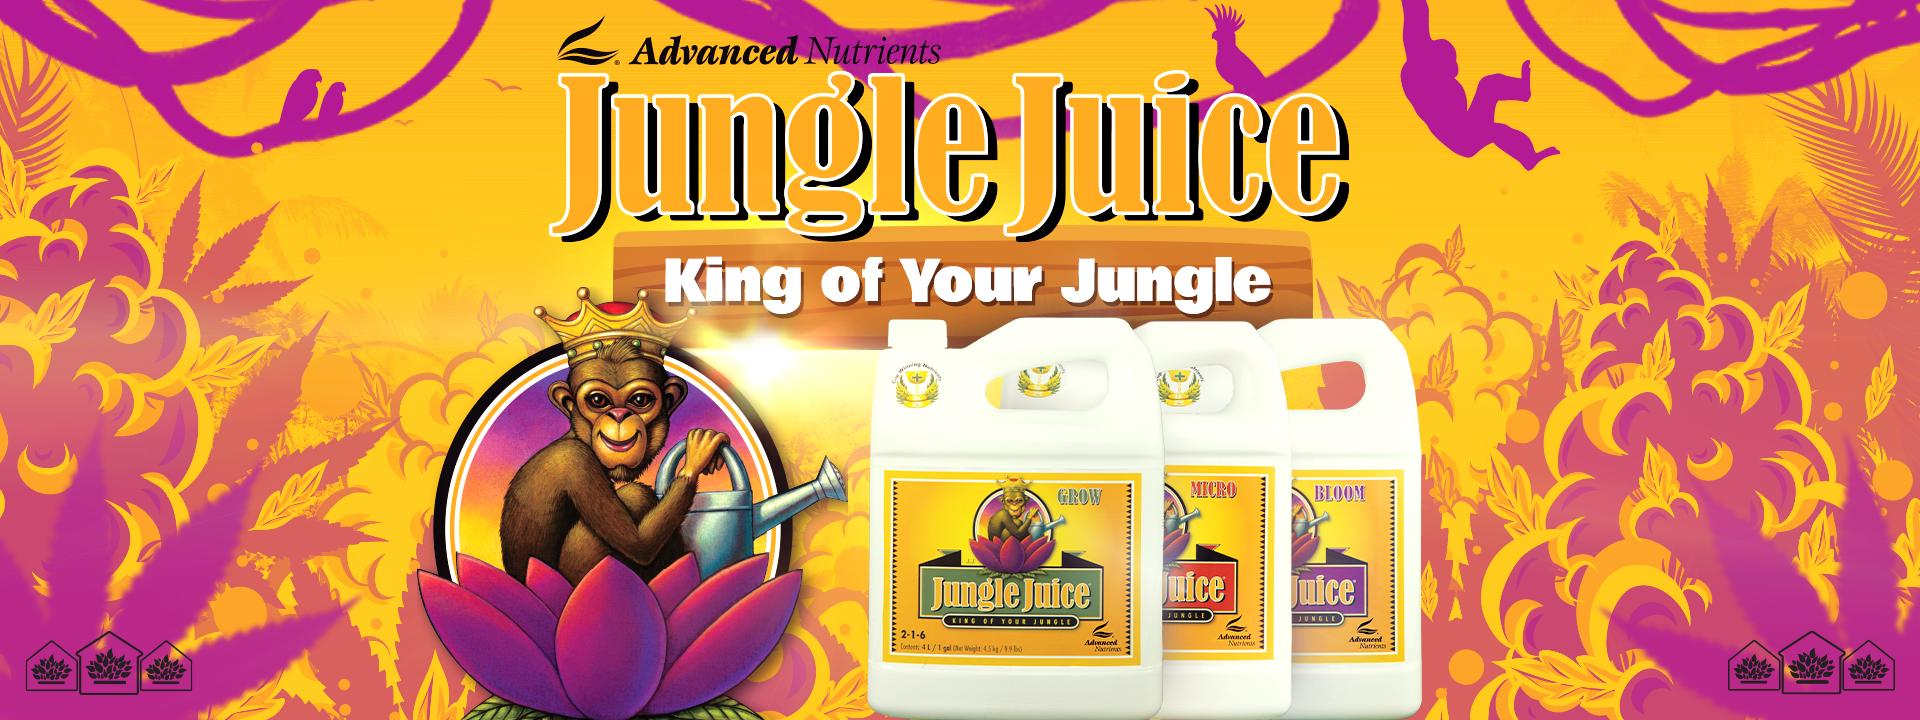 Jungle Juice 1920x720